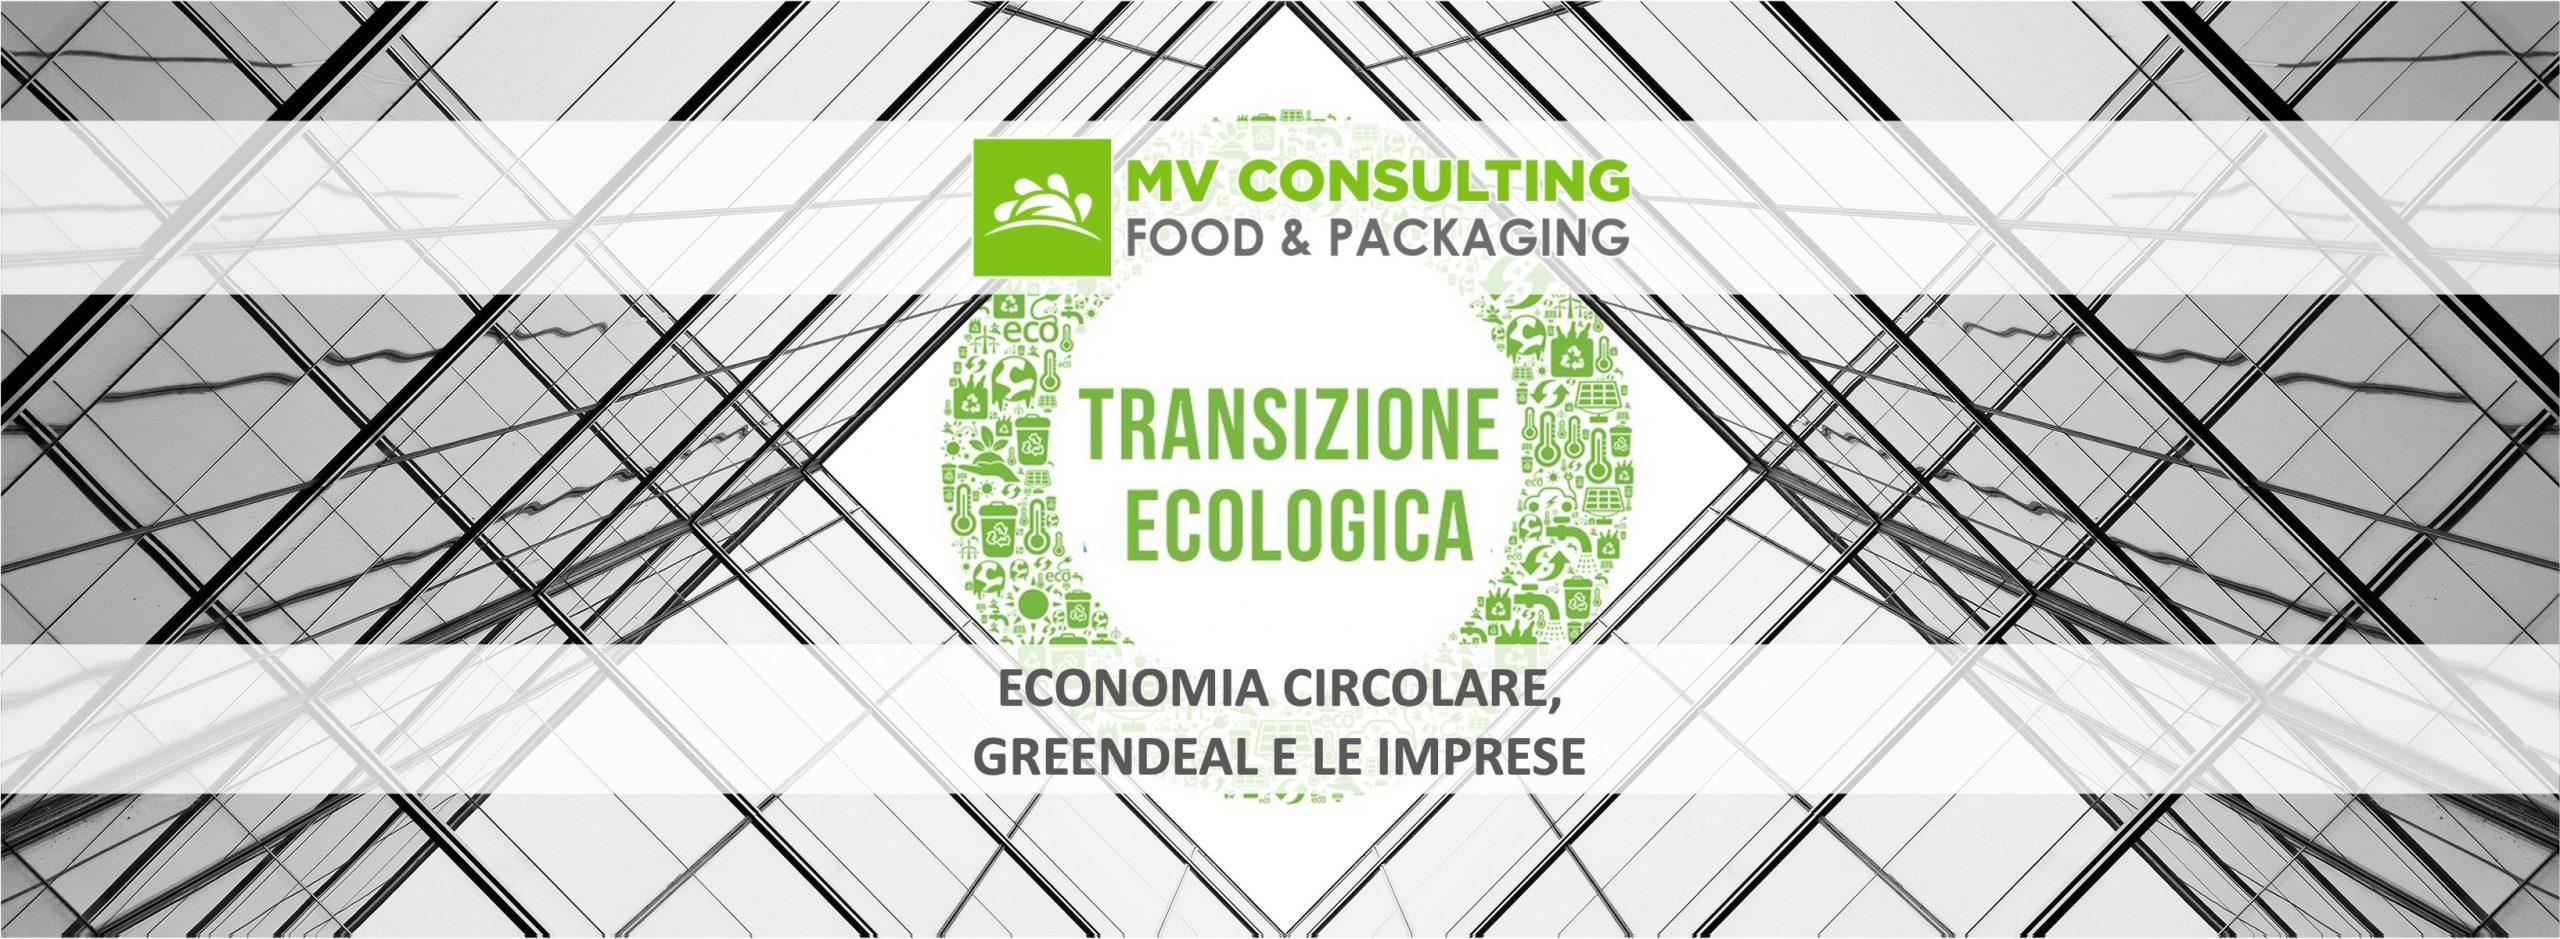 Economia Circolare Greendeal E Le Imprese Mv Consulting 2